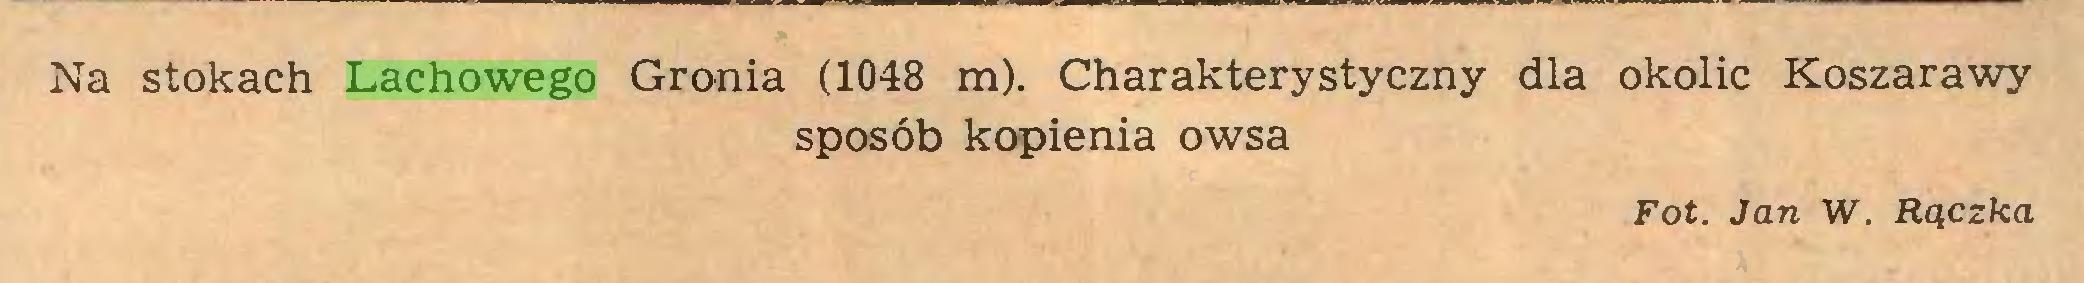 (...) Na stokach Lachowego Gronia (1048 m). Charakterystyczny dla okolic Koszarawy sposób kopienia owsa Fot. Jan W. Rączka...